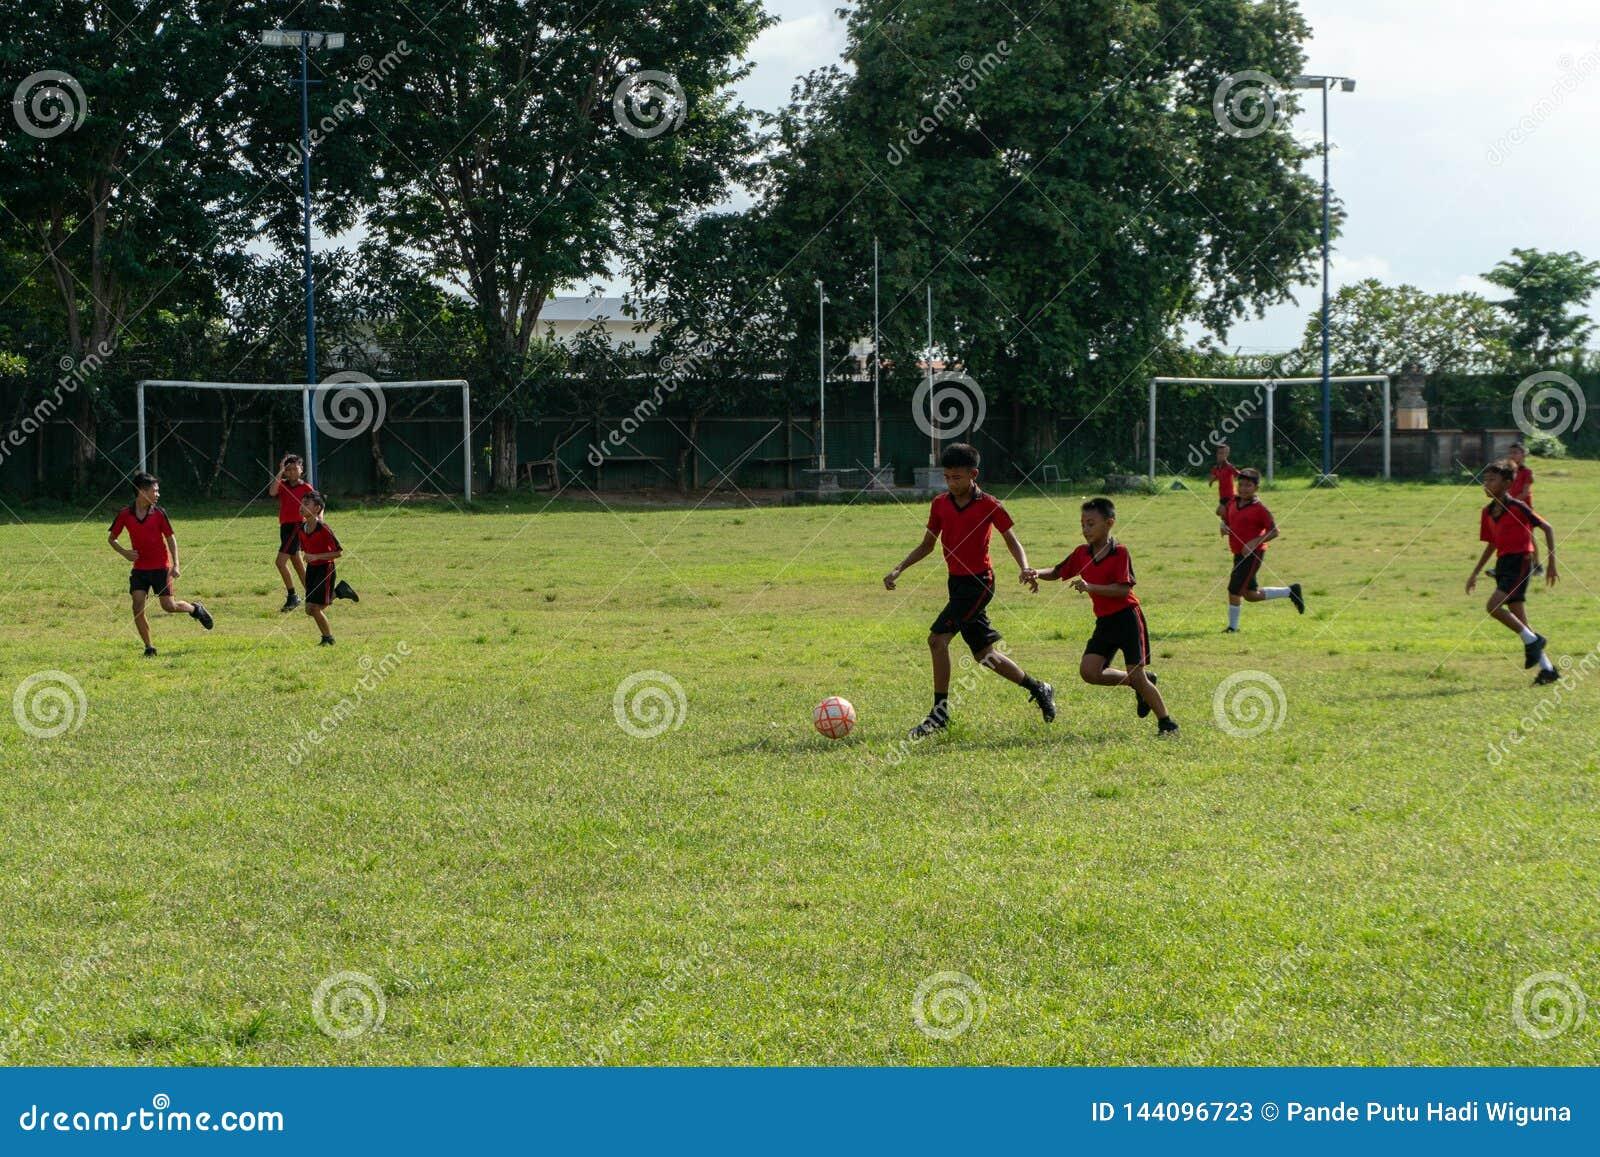 BADUNG, BALI/INDONESIA- 5-ОЕ АПРЕЛЯ 2019: Элементарные футбол или футбол игры студента на поле с красным jersey